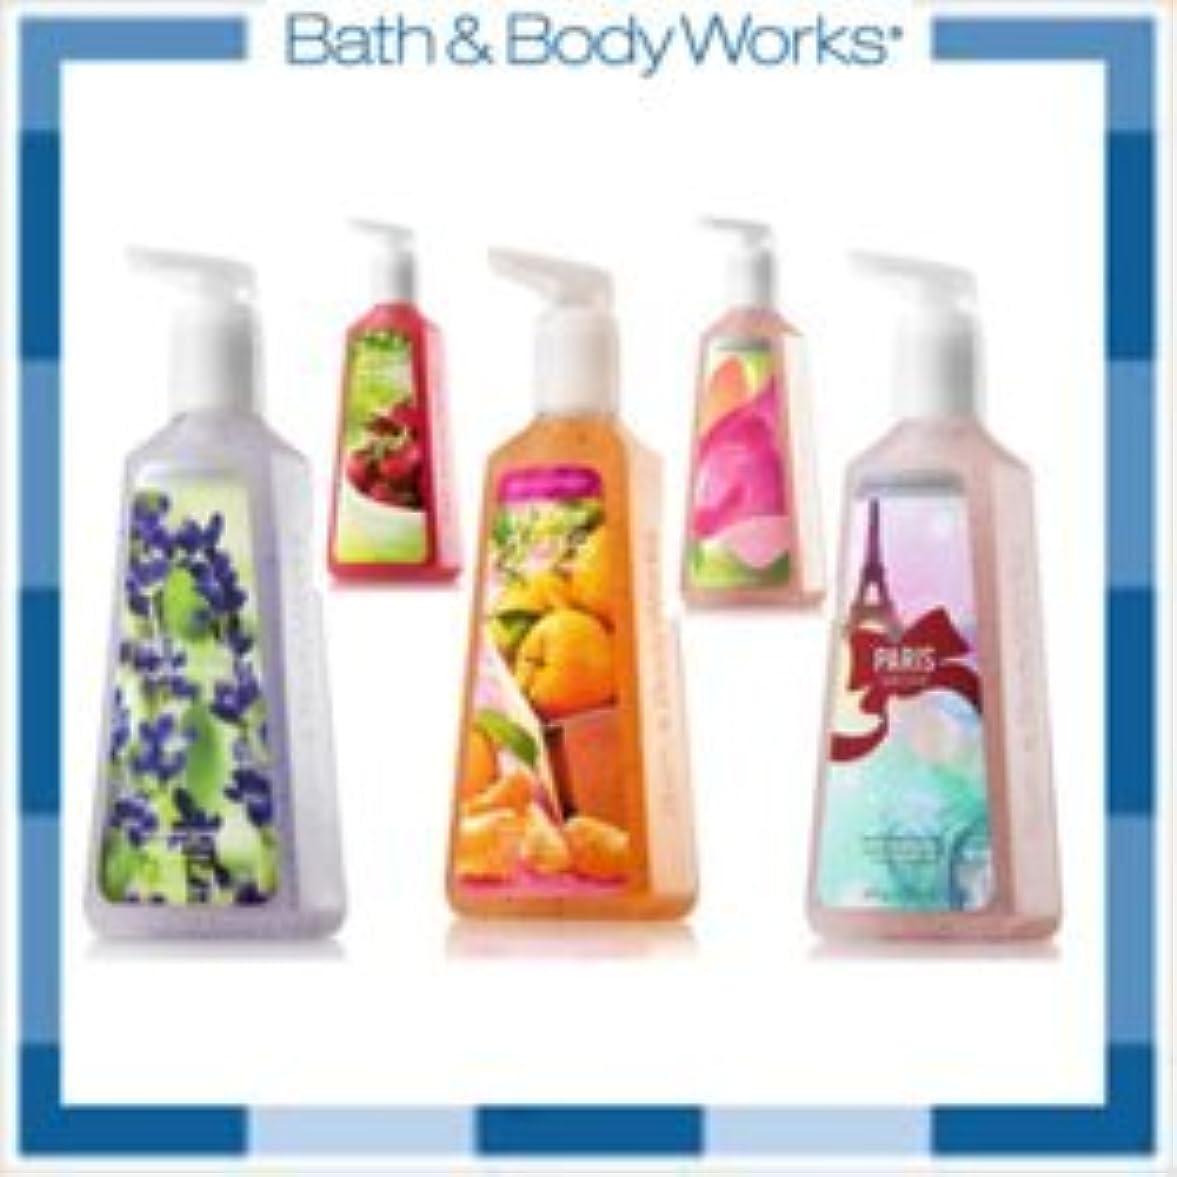 契約するノート霊Bath & Body Works ハンドソープ 8本詰め合わせセット (???????、??????????????or MIX) 【平行輸入品】 (ディープクレンジング  (8本))